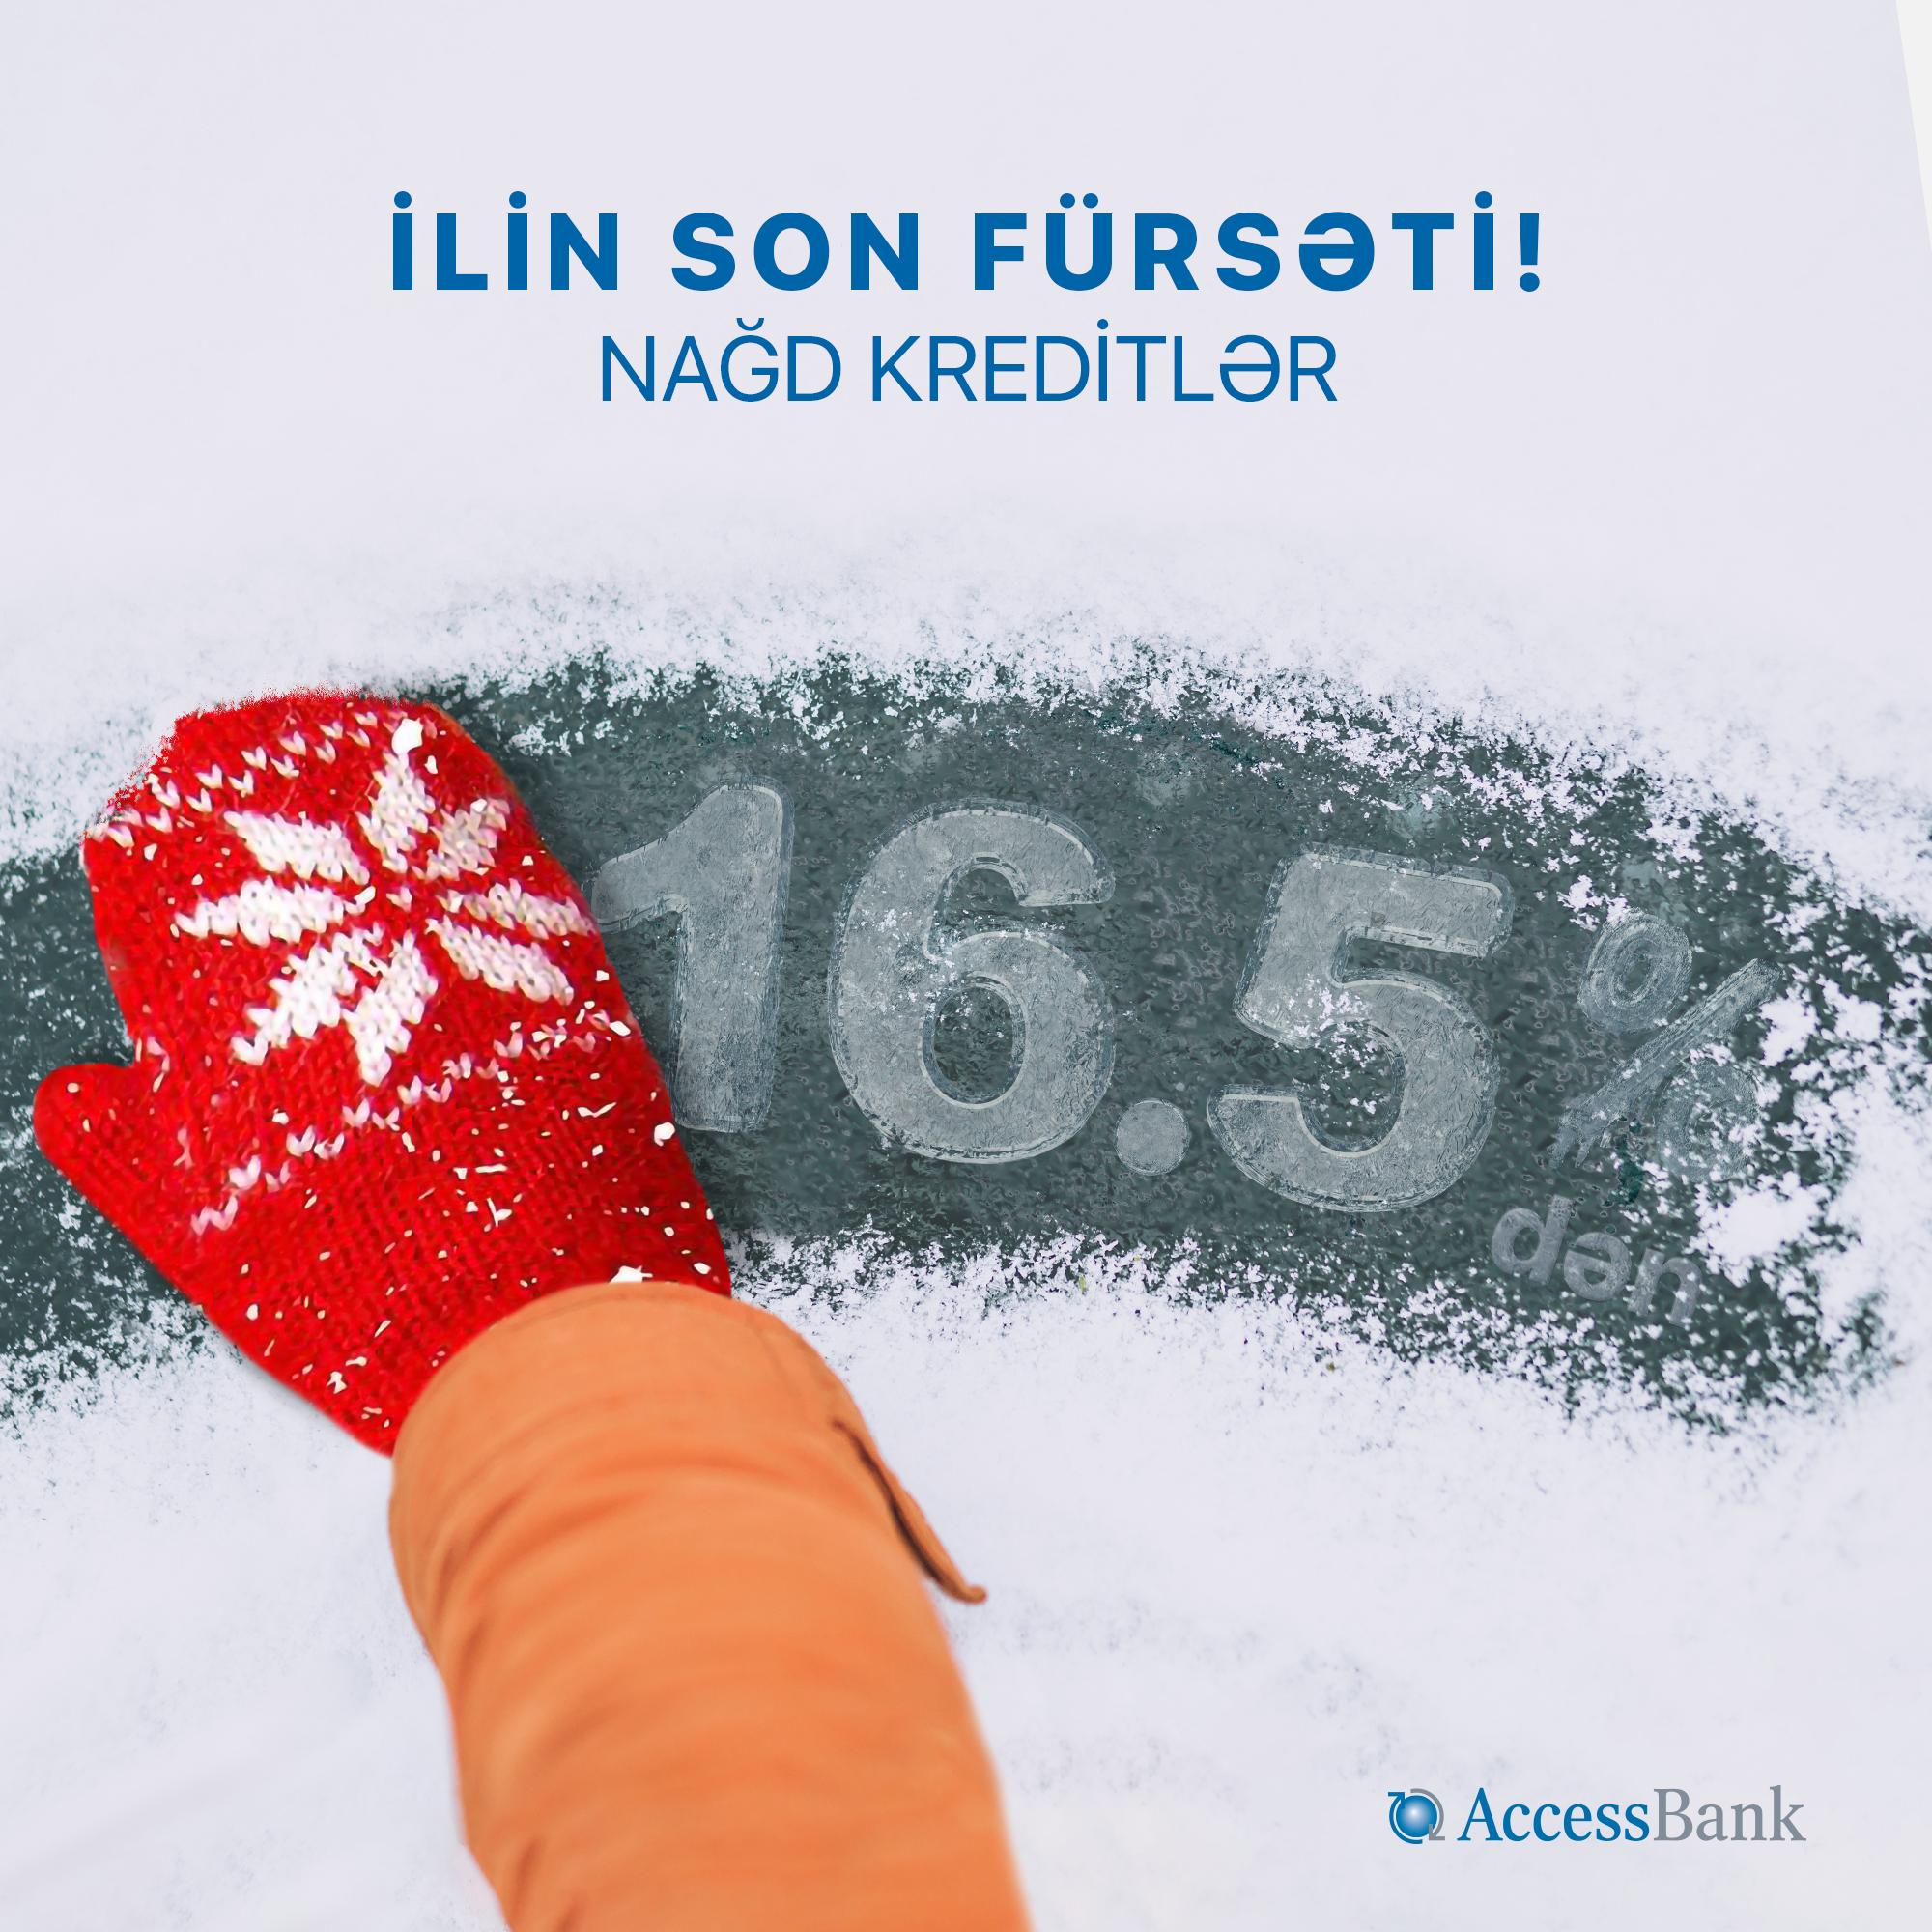 AccessBank-dan ilin son fürsəti!